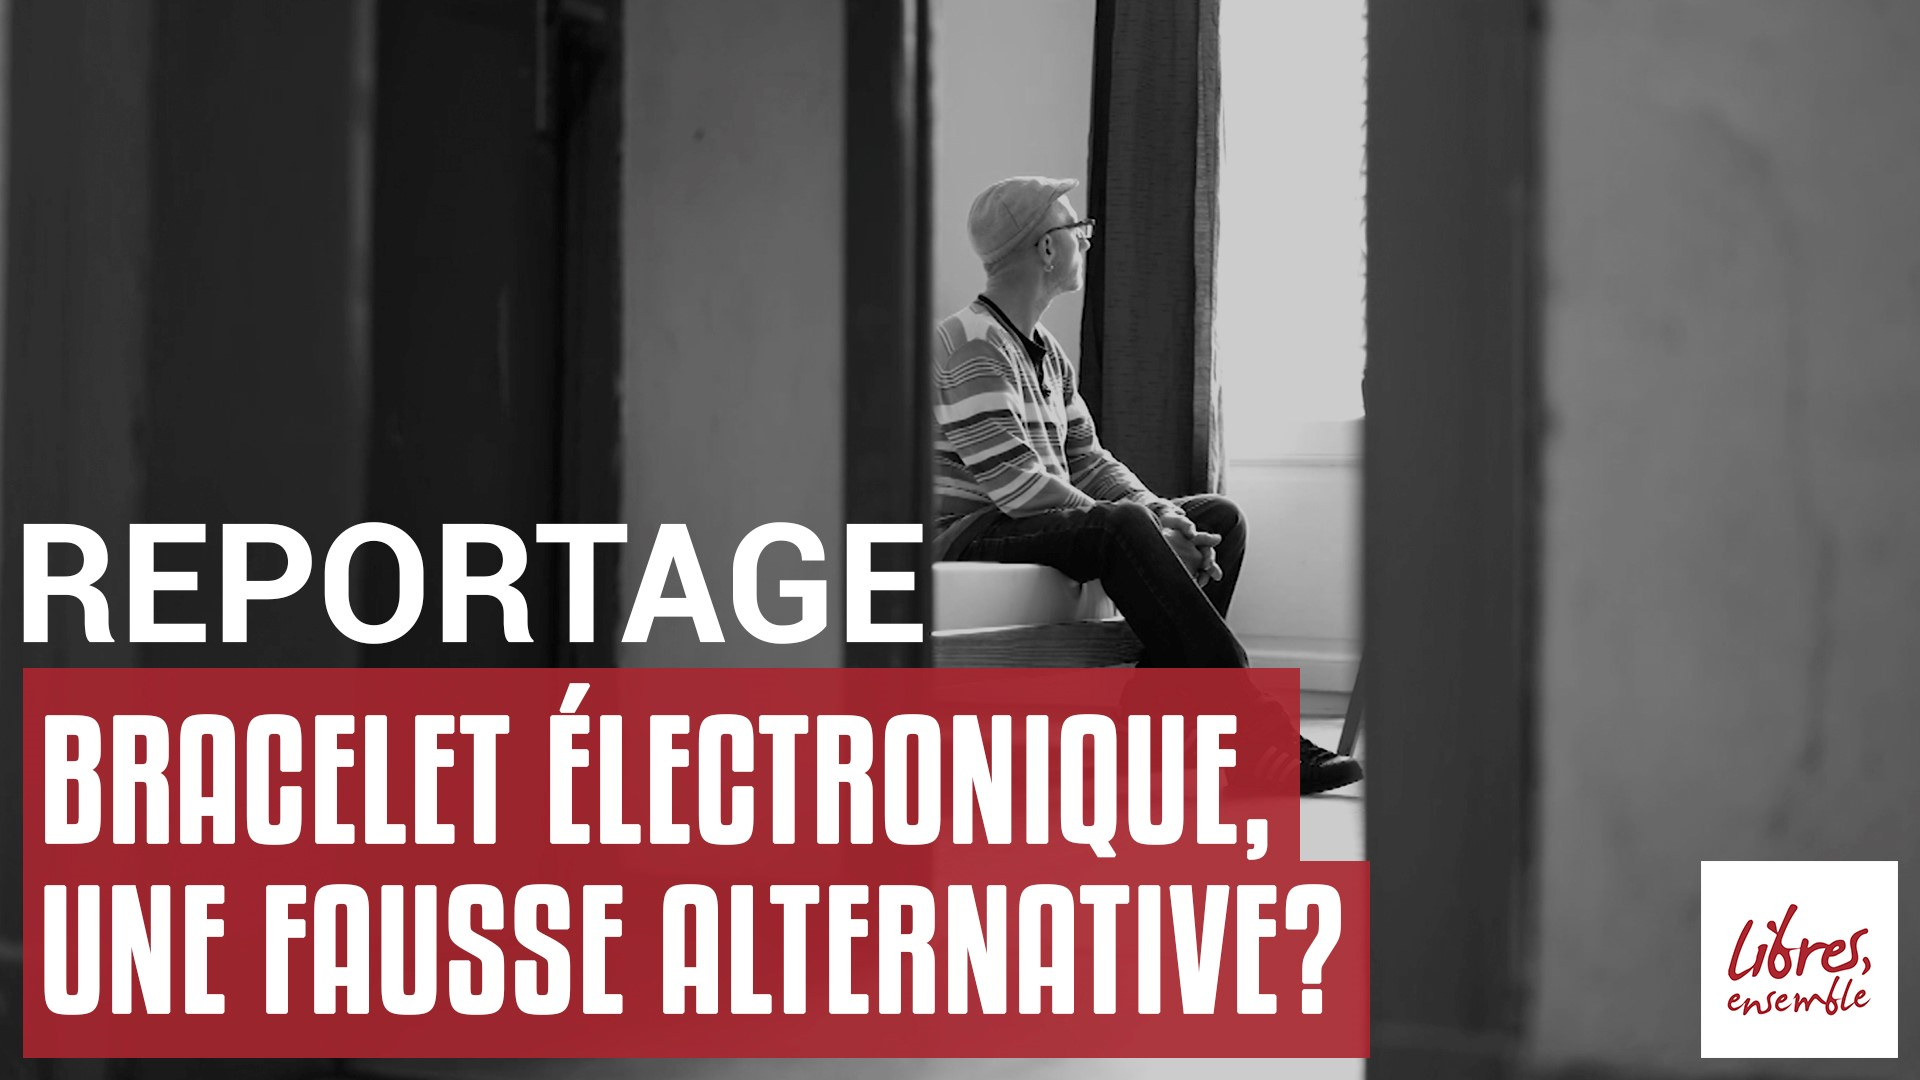 Bracelet électronique, une fausse alternative?